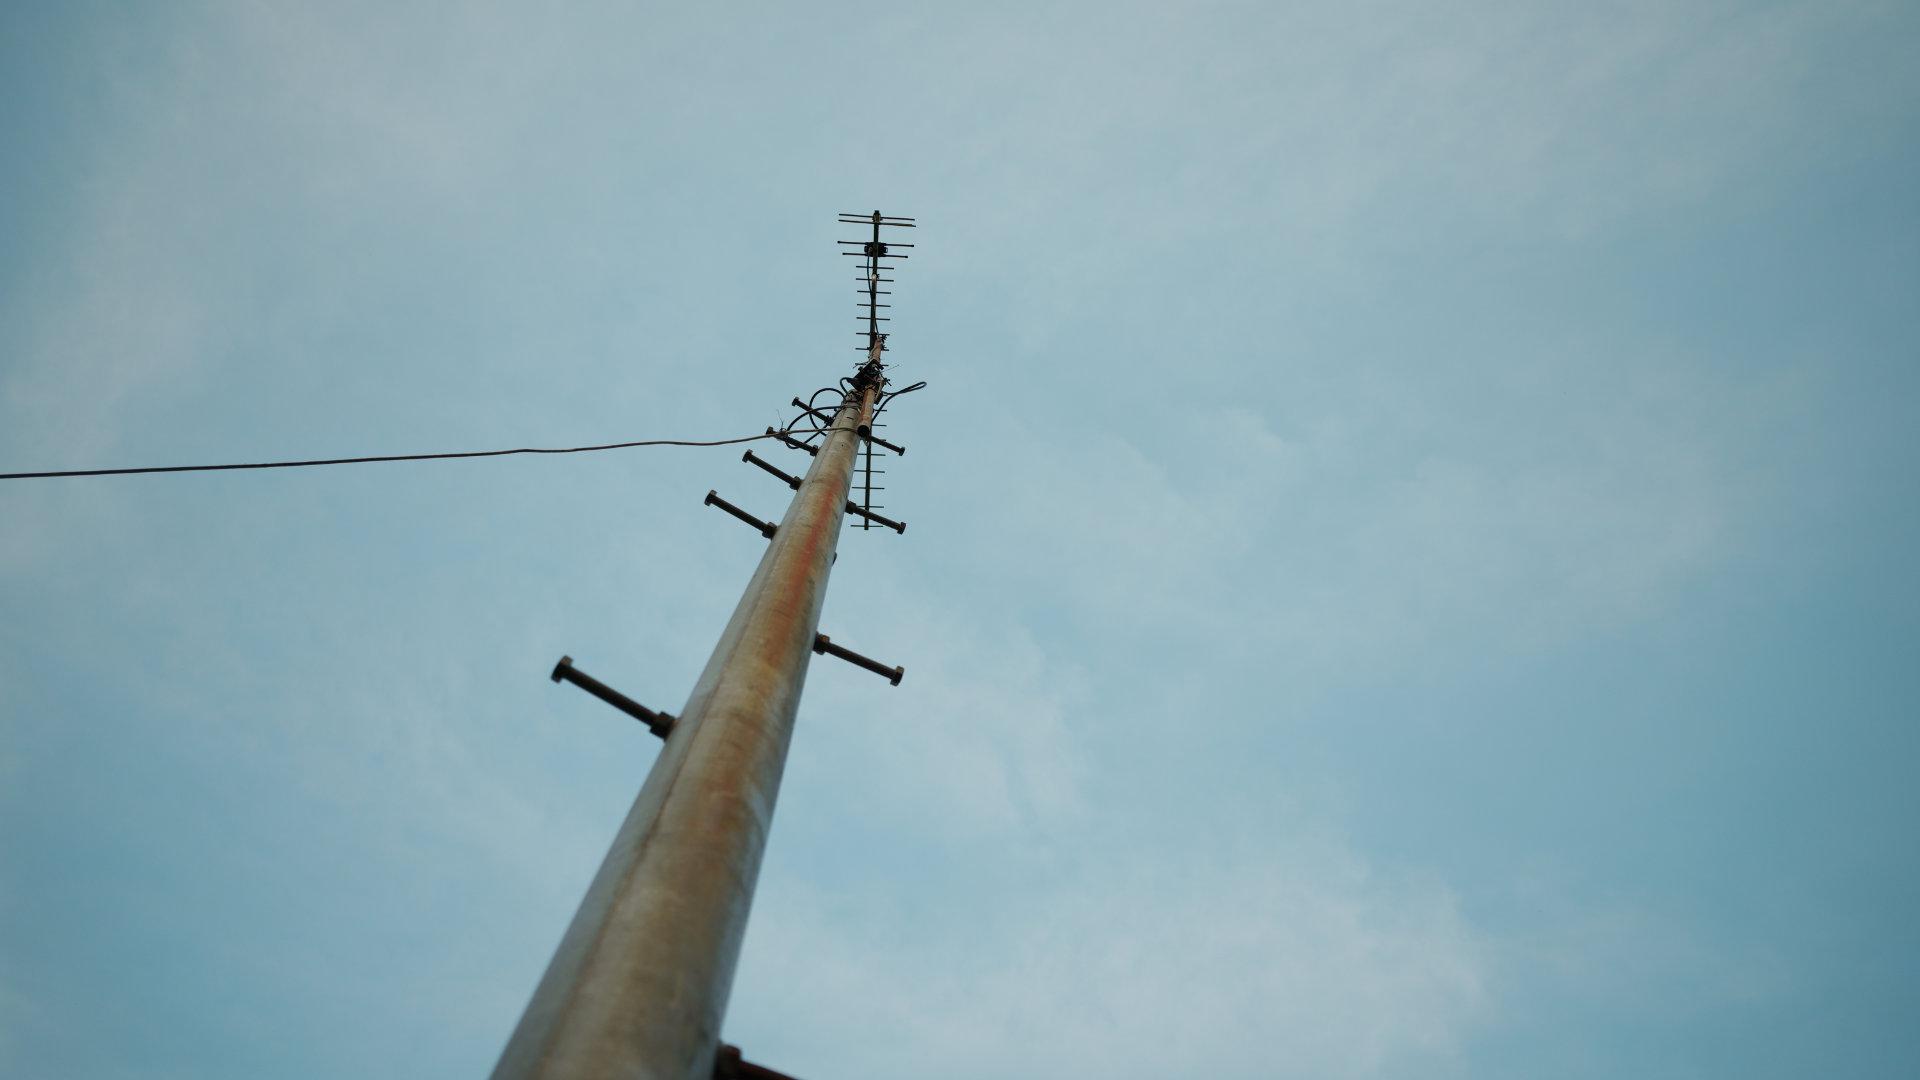 「空と電柱」カラーモード「パウダーブルー」Camera : SIGMA fp Lens : Sigma 24mm F3.5 DG DN Contemporary